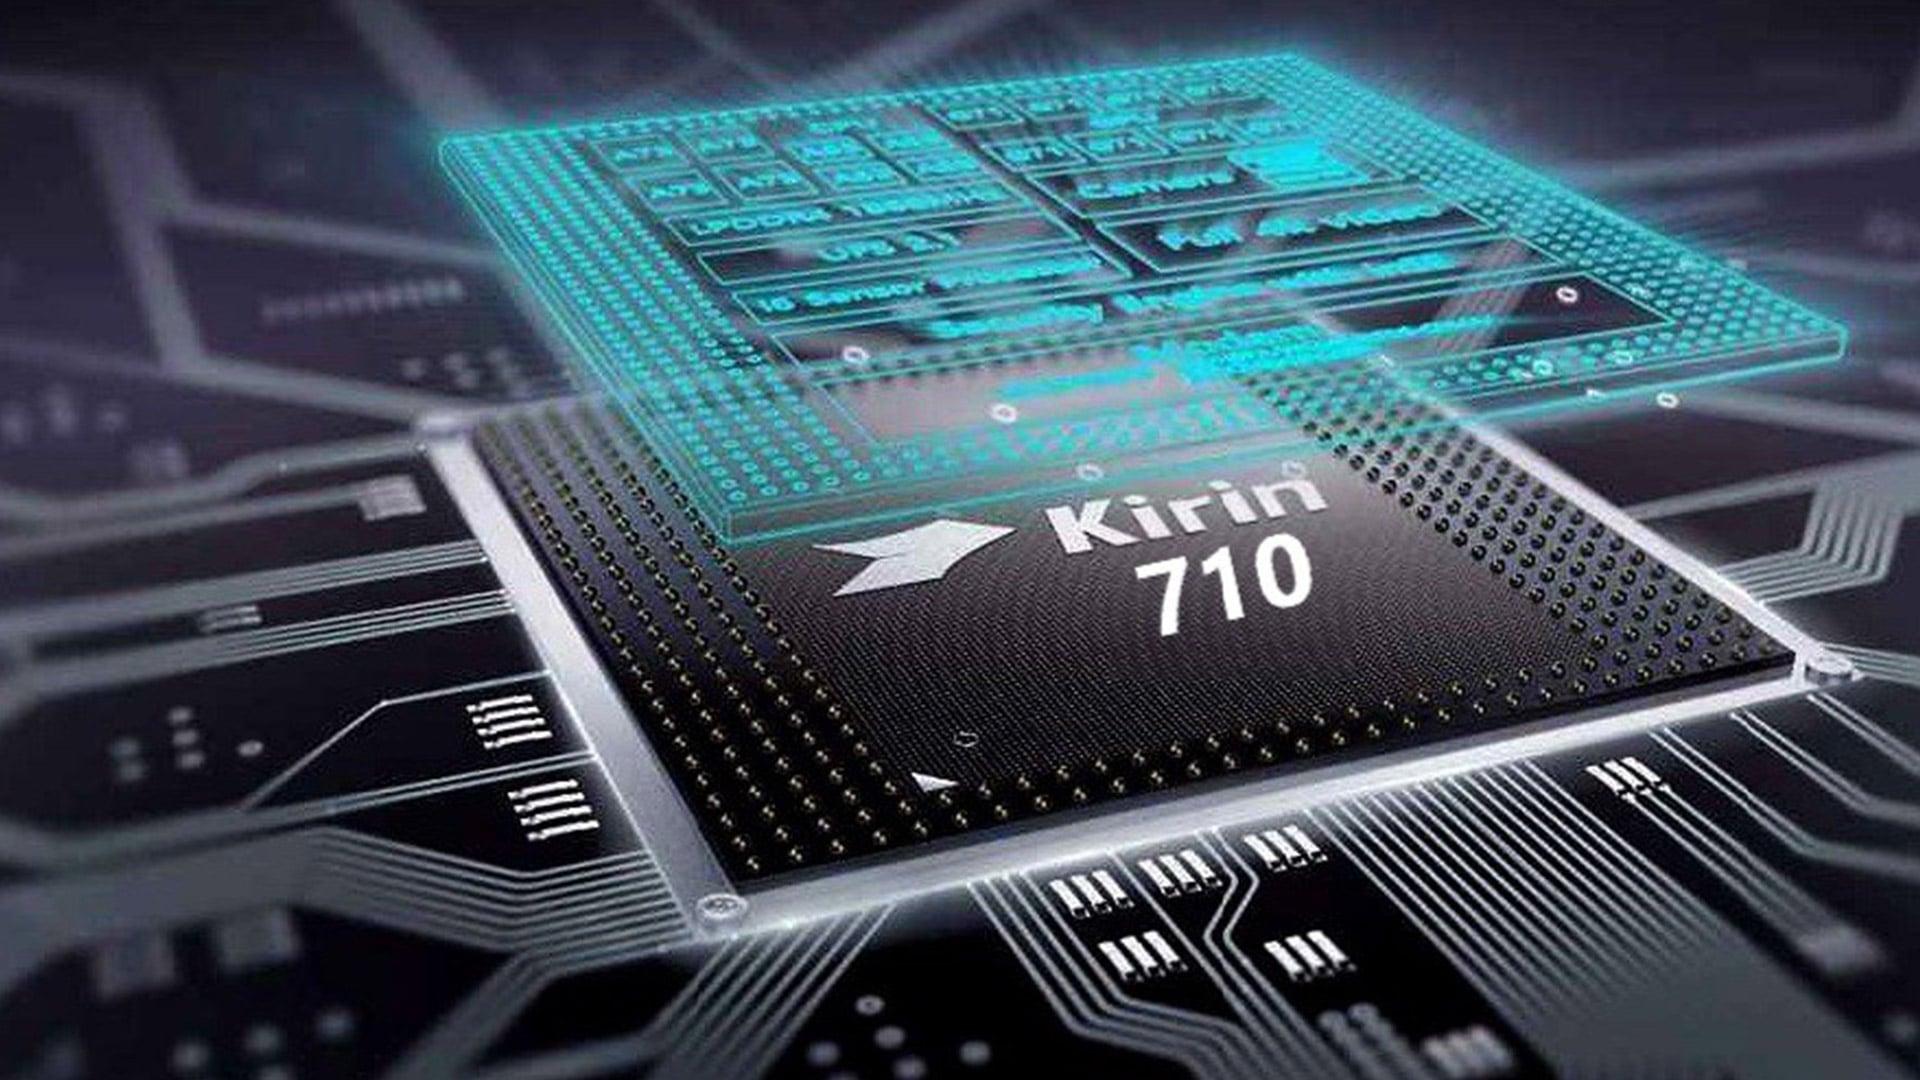 پردازنده کایرین 710